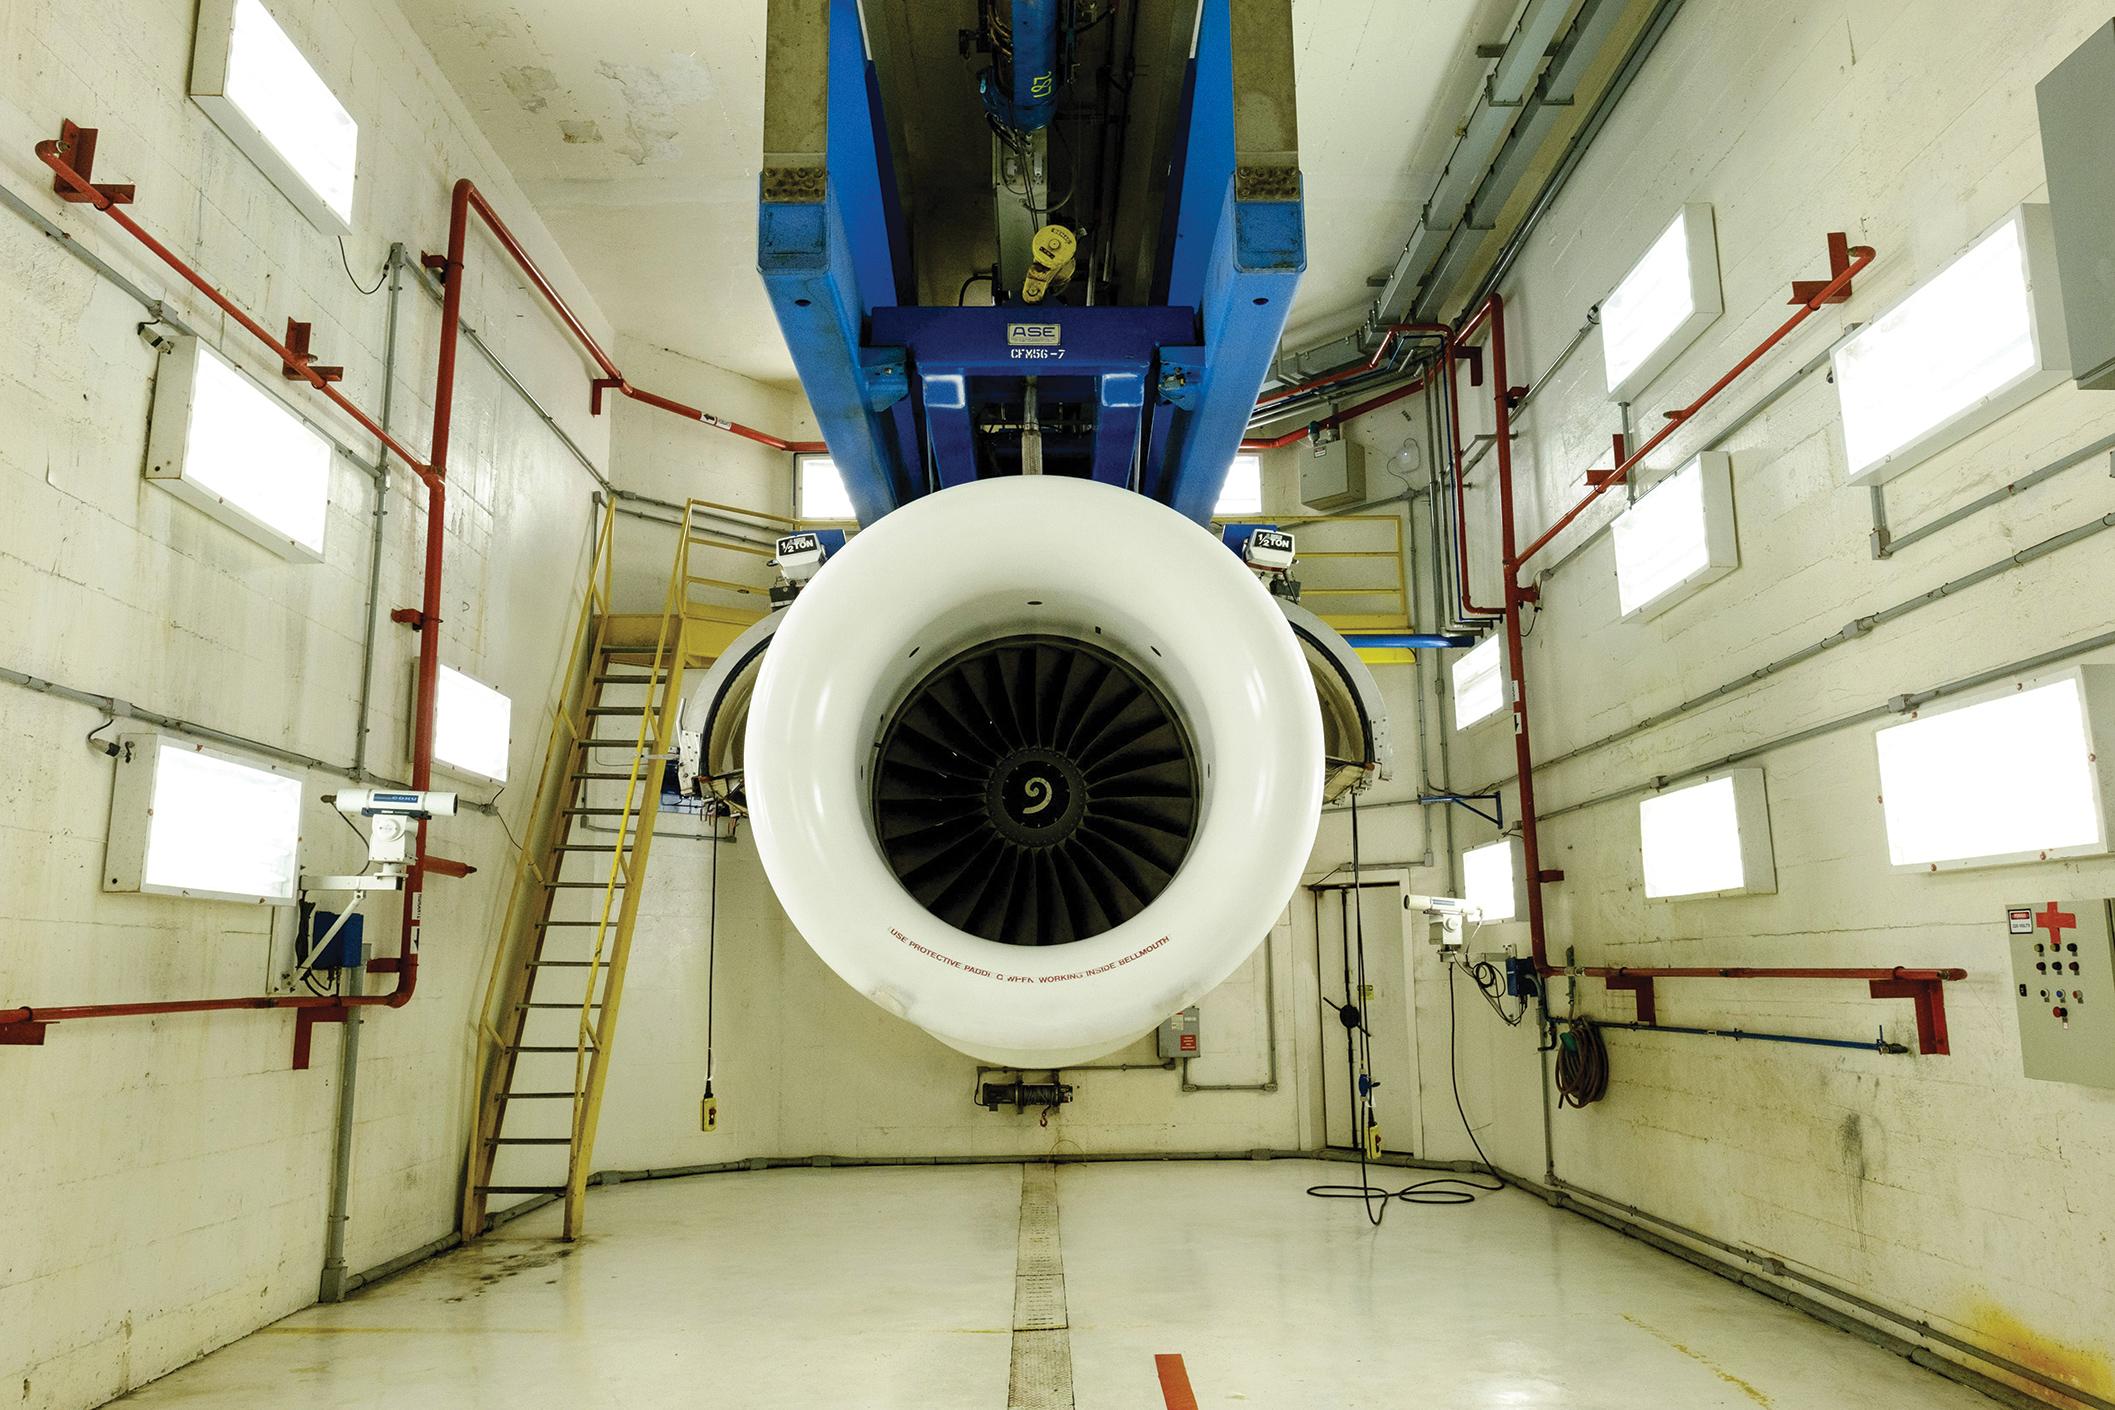 Las réplicas digitales de los motores de reacción ayudan a los clientes de aviación de GE a ahorrar dinero al predecir exactamente cuándo necesitarán mantenimiento. Aquí un motor de GE se sienta en una instalación de reacondicionamiento en Río de Janeiro, Brasil.